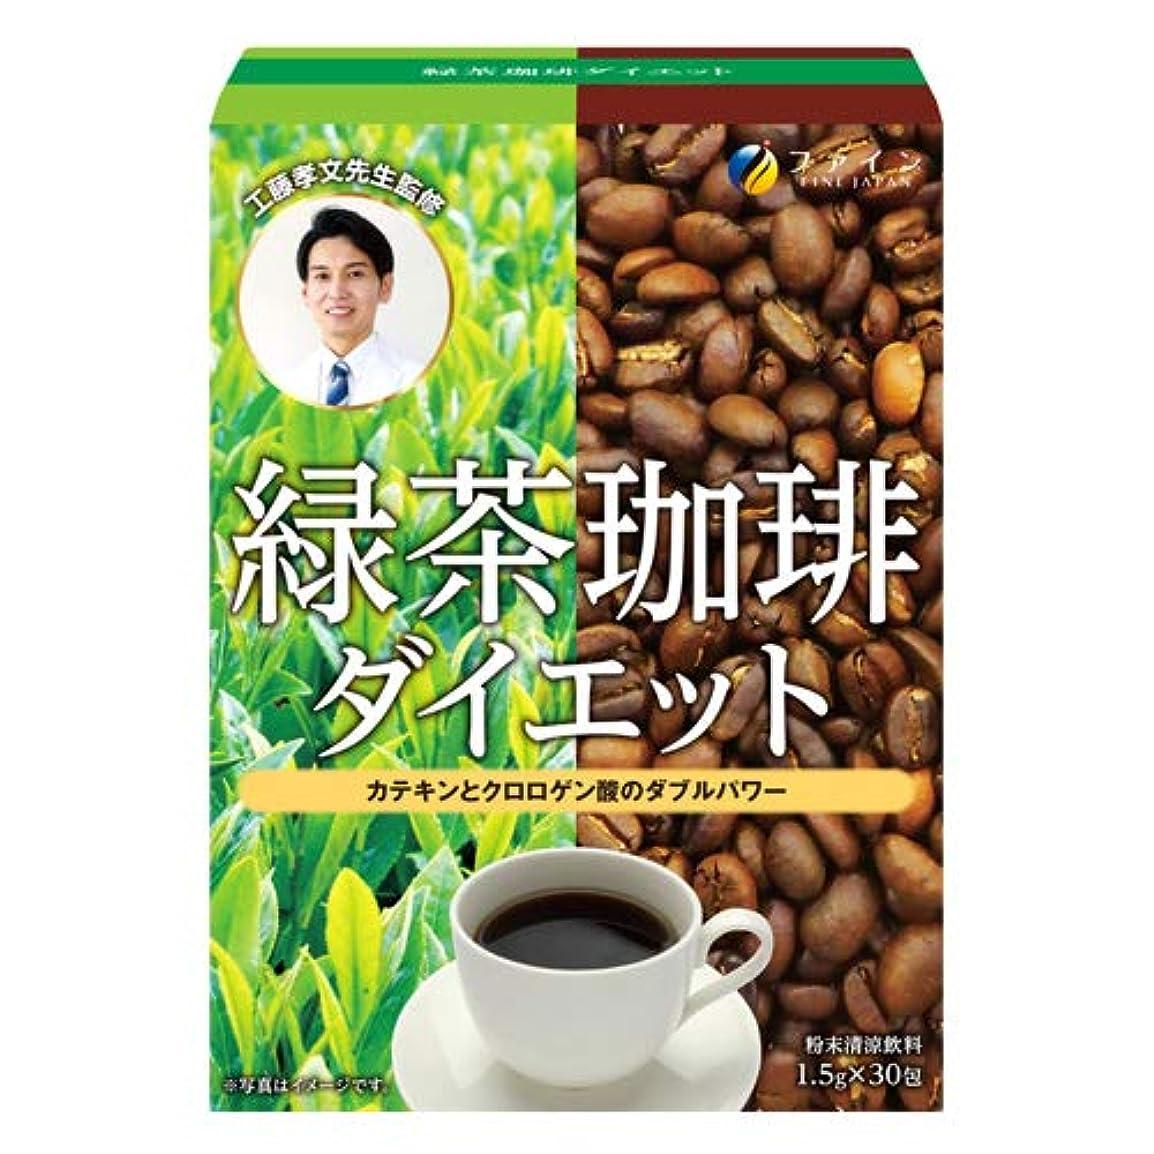 好ましいモルヒネファシズム緑茶コーヒーダイエット 【30箱組】